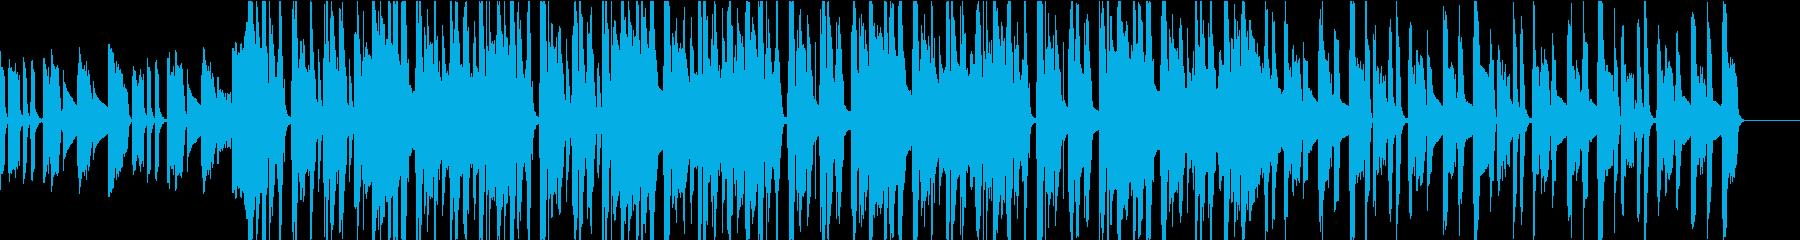 低音がバキバキうねるFUNKYサウンドの再生済みの波形